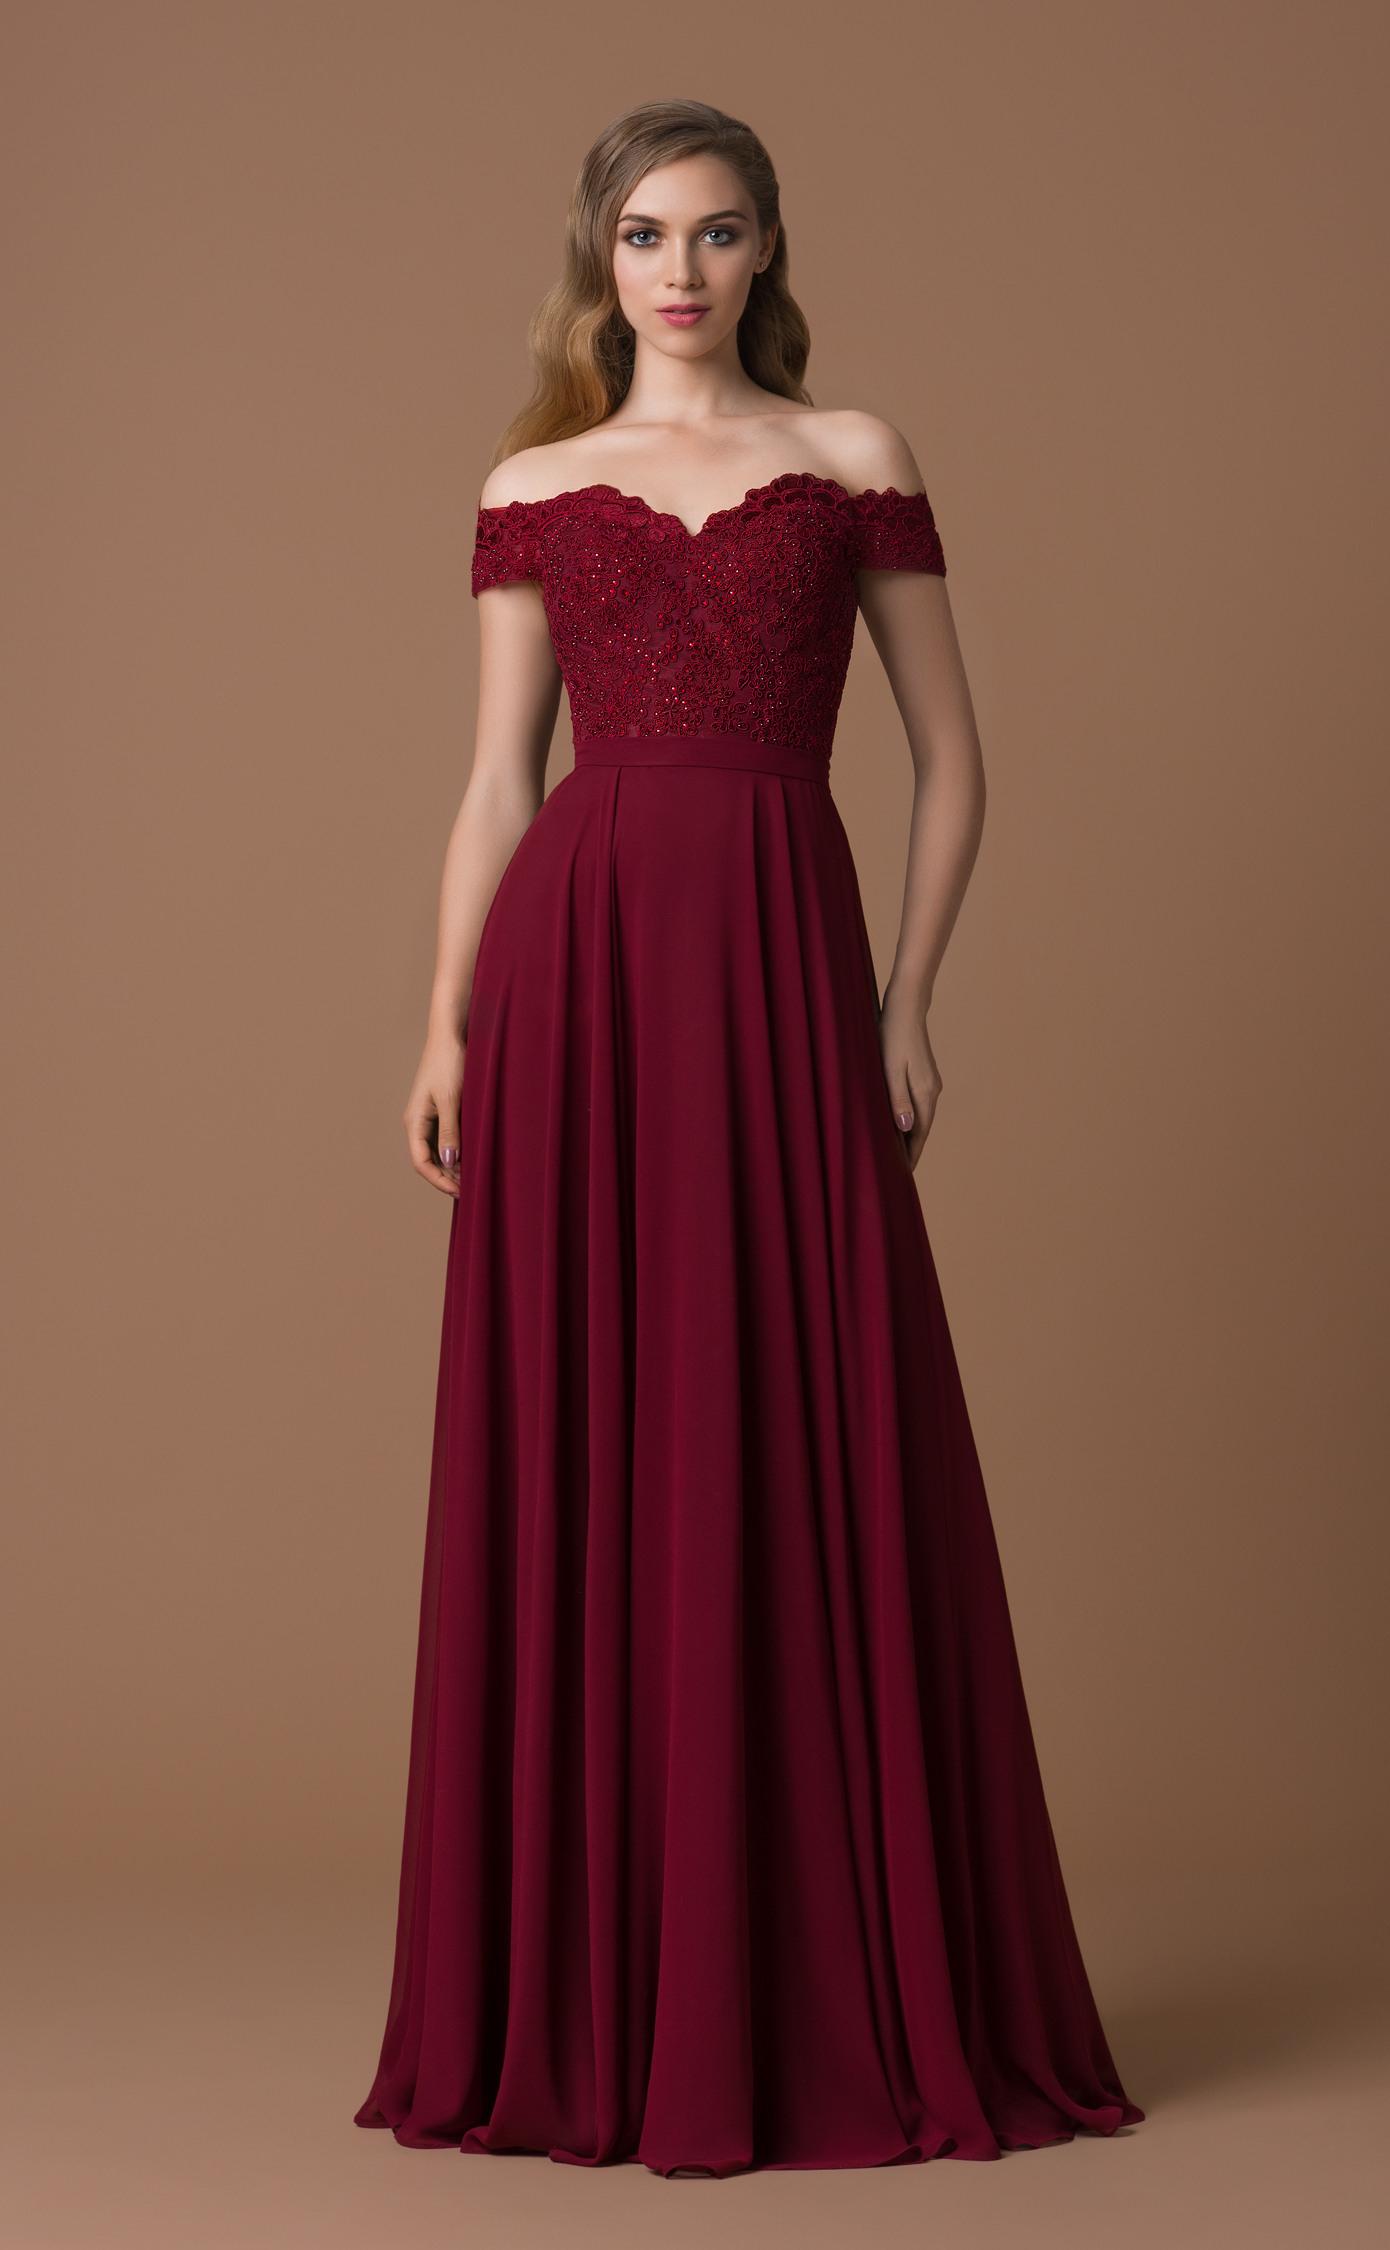 17 Schön Abendkleid Weinrot Lang Stylish - Abendkleid